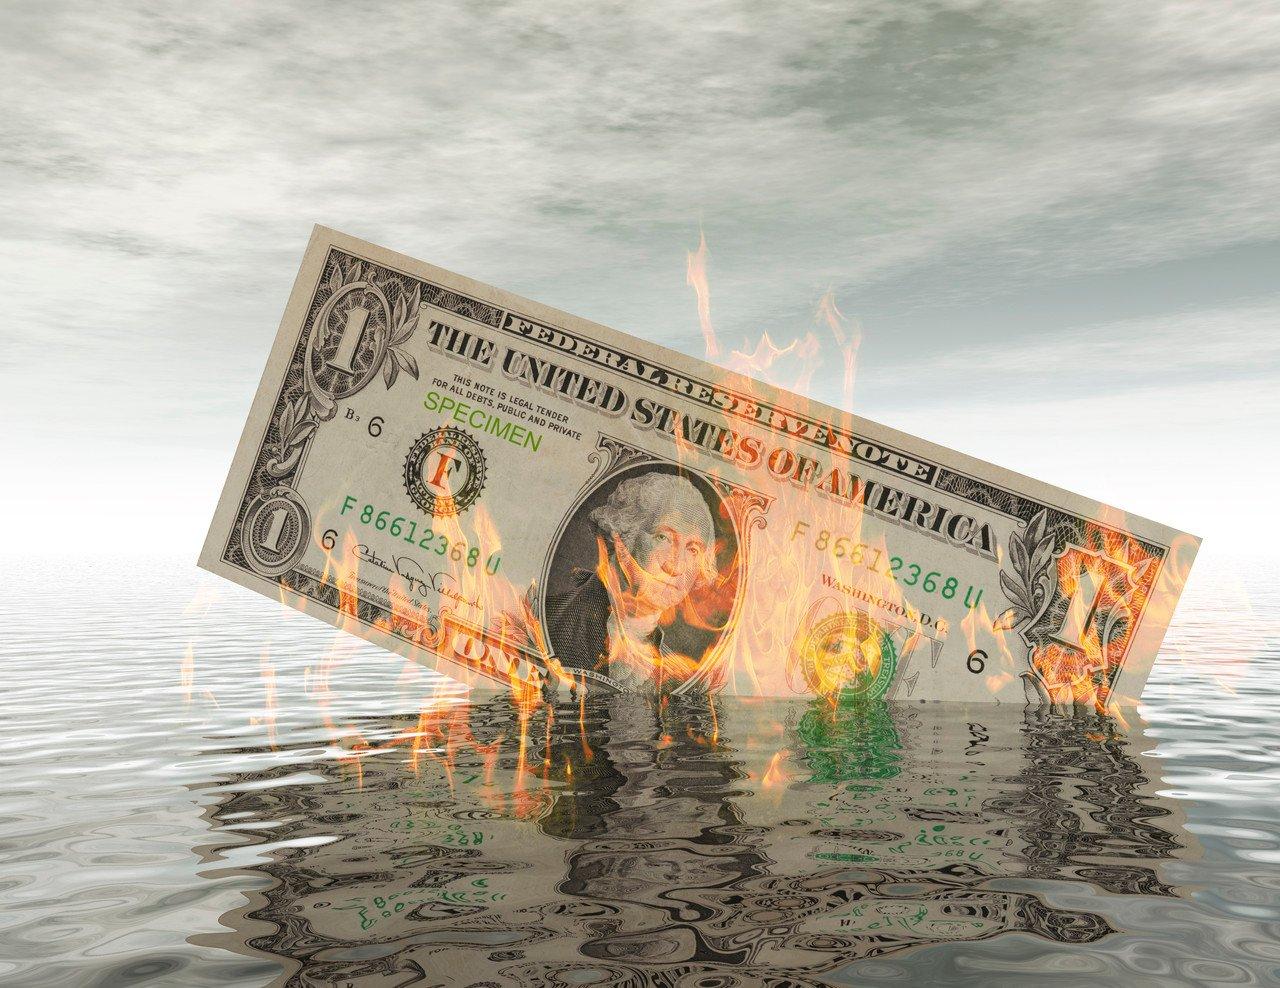 早报 (06.02) | 美联储联邦基金利率下降一个基点至0.05%;央行拟将房地产开发商纳入反洗钱调查范围